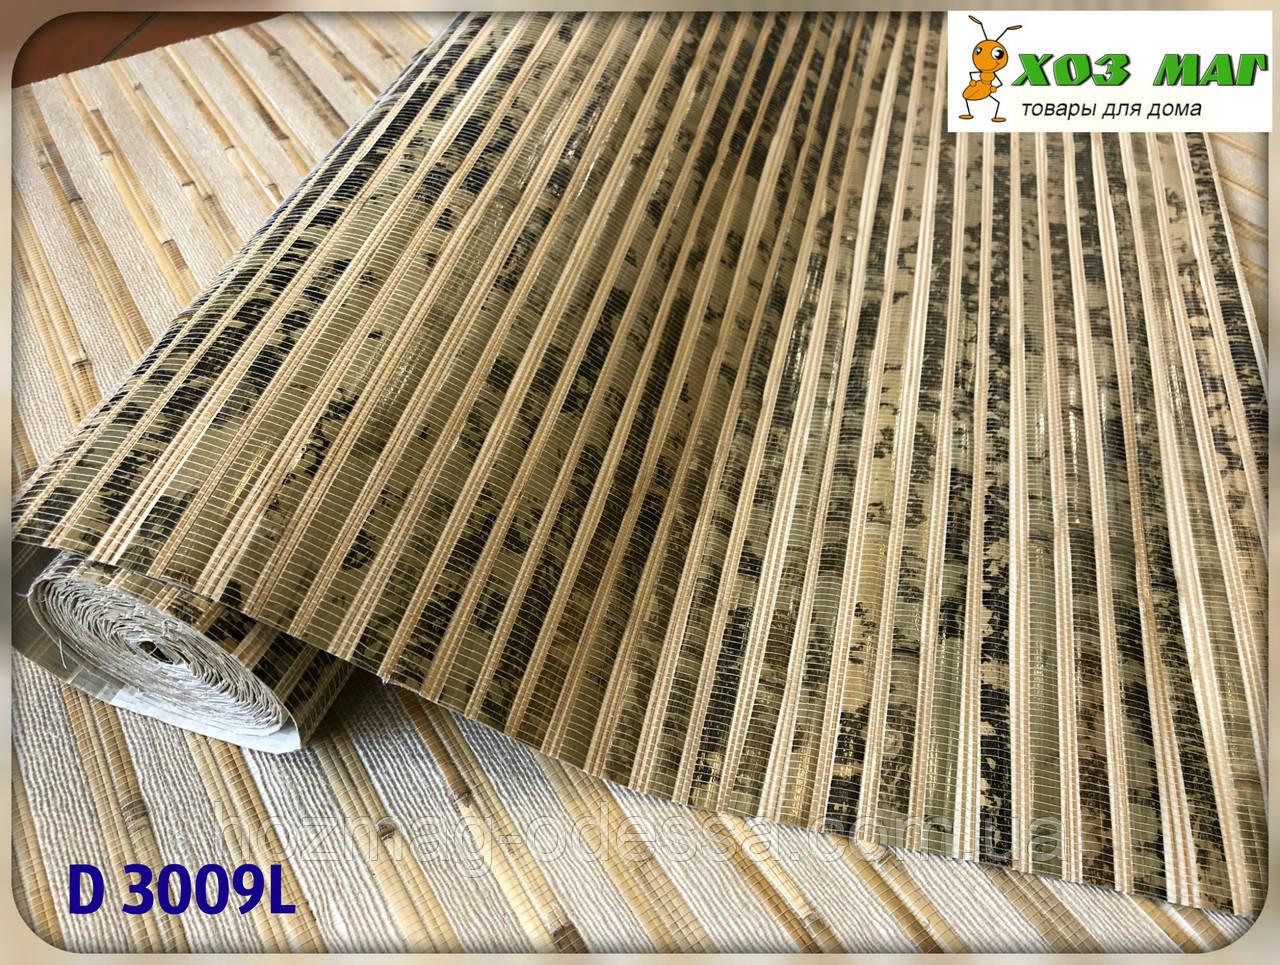 Натуральные обои, бамбук, черепаха зеленая,D 3009L